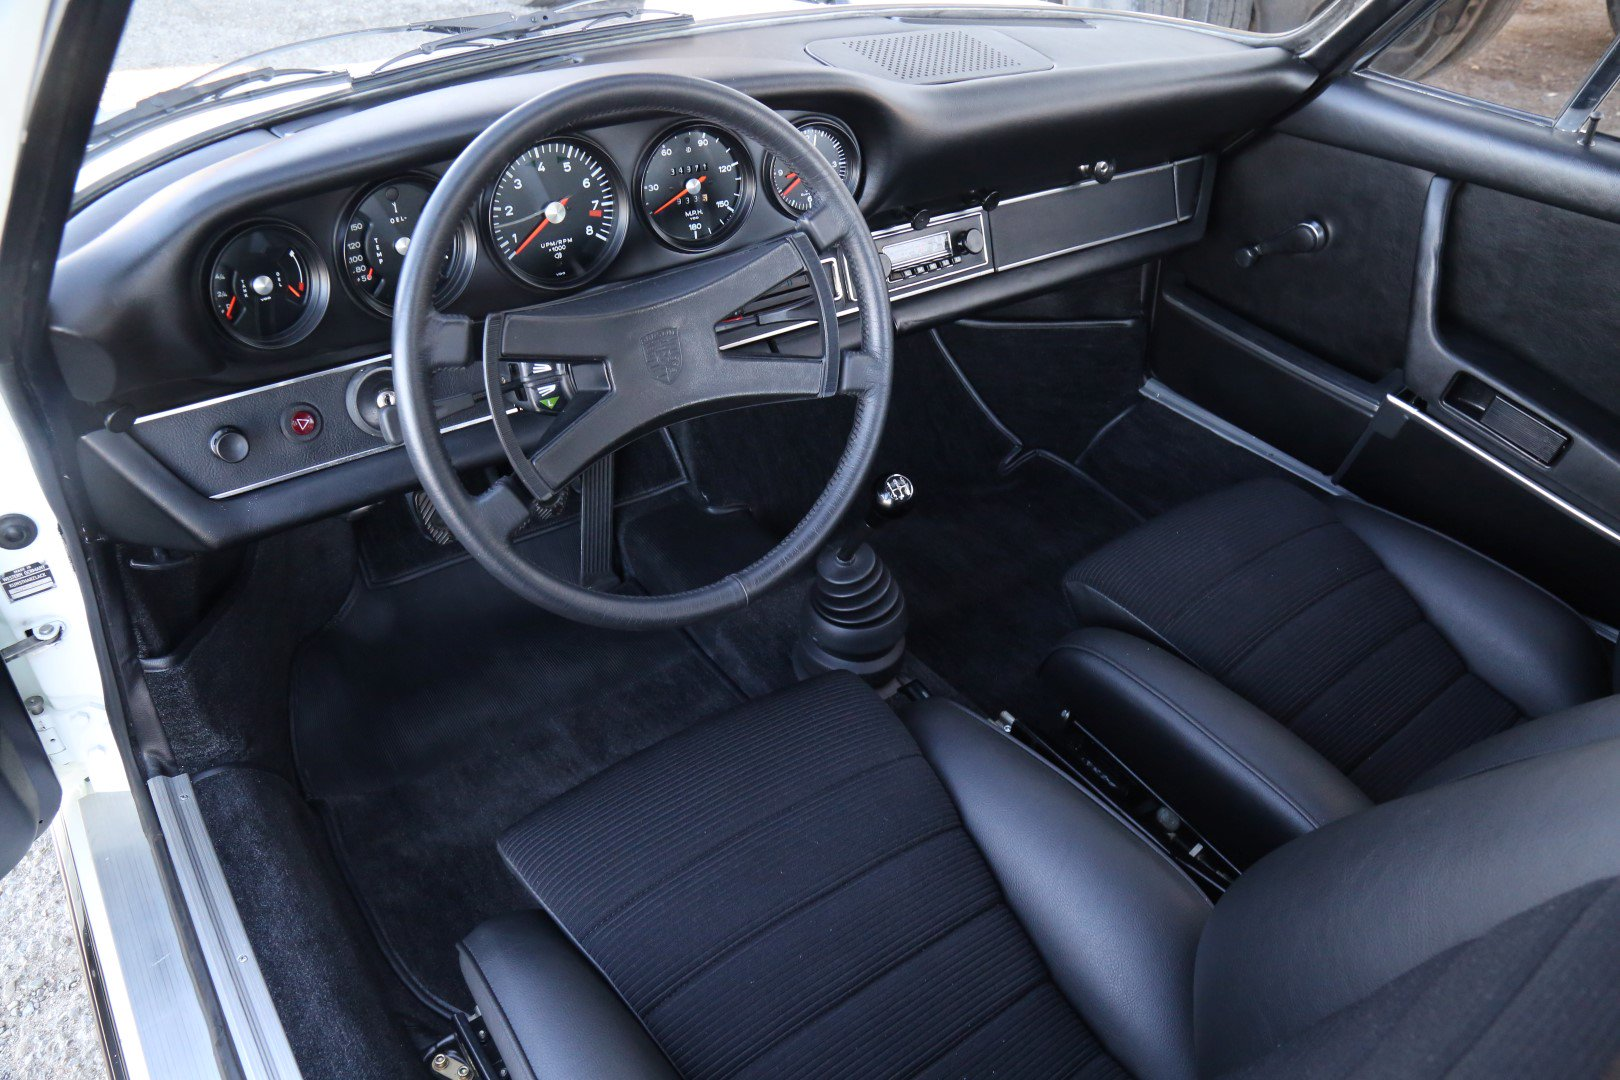 Thiết kế cabin xe Porsche 911 Carrera RS 2.7 1973